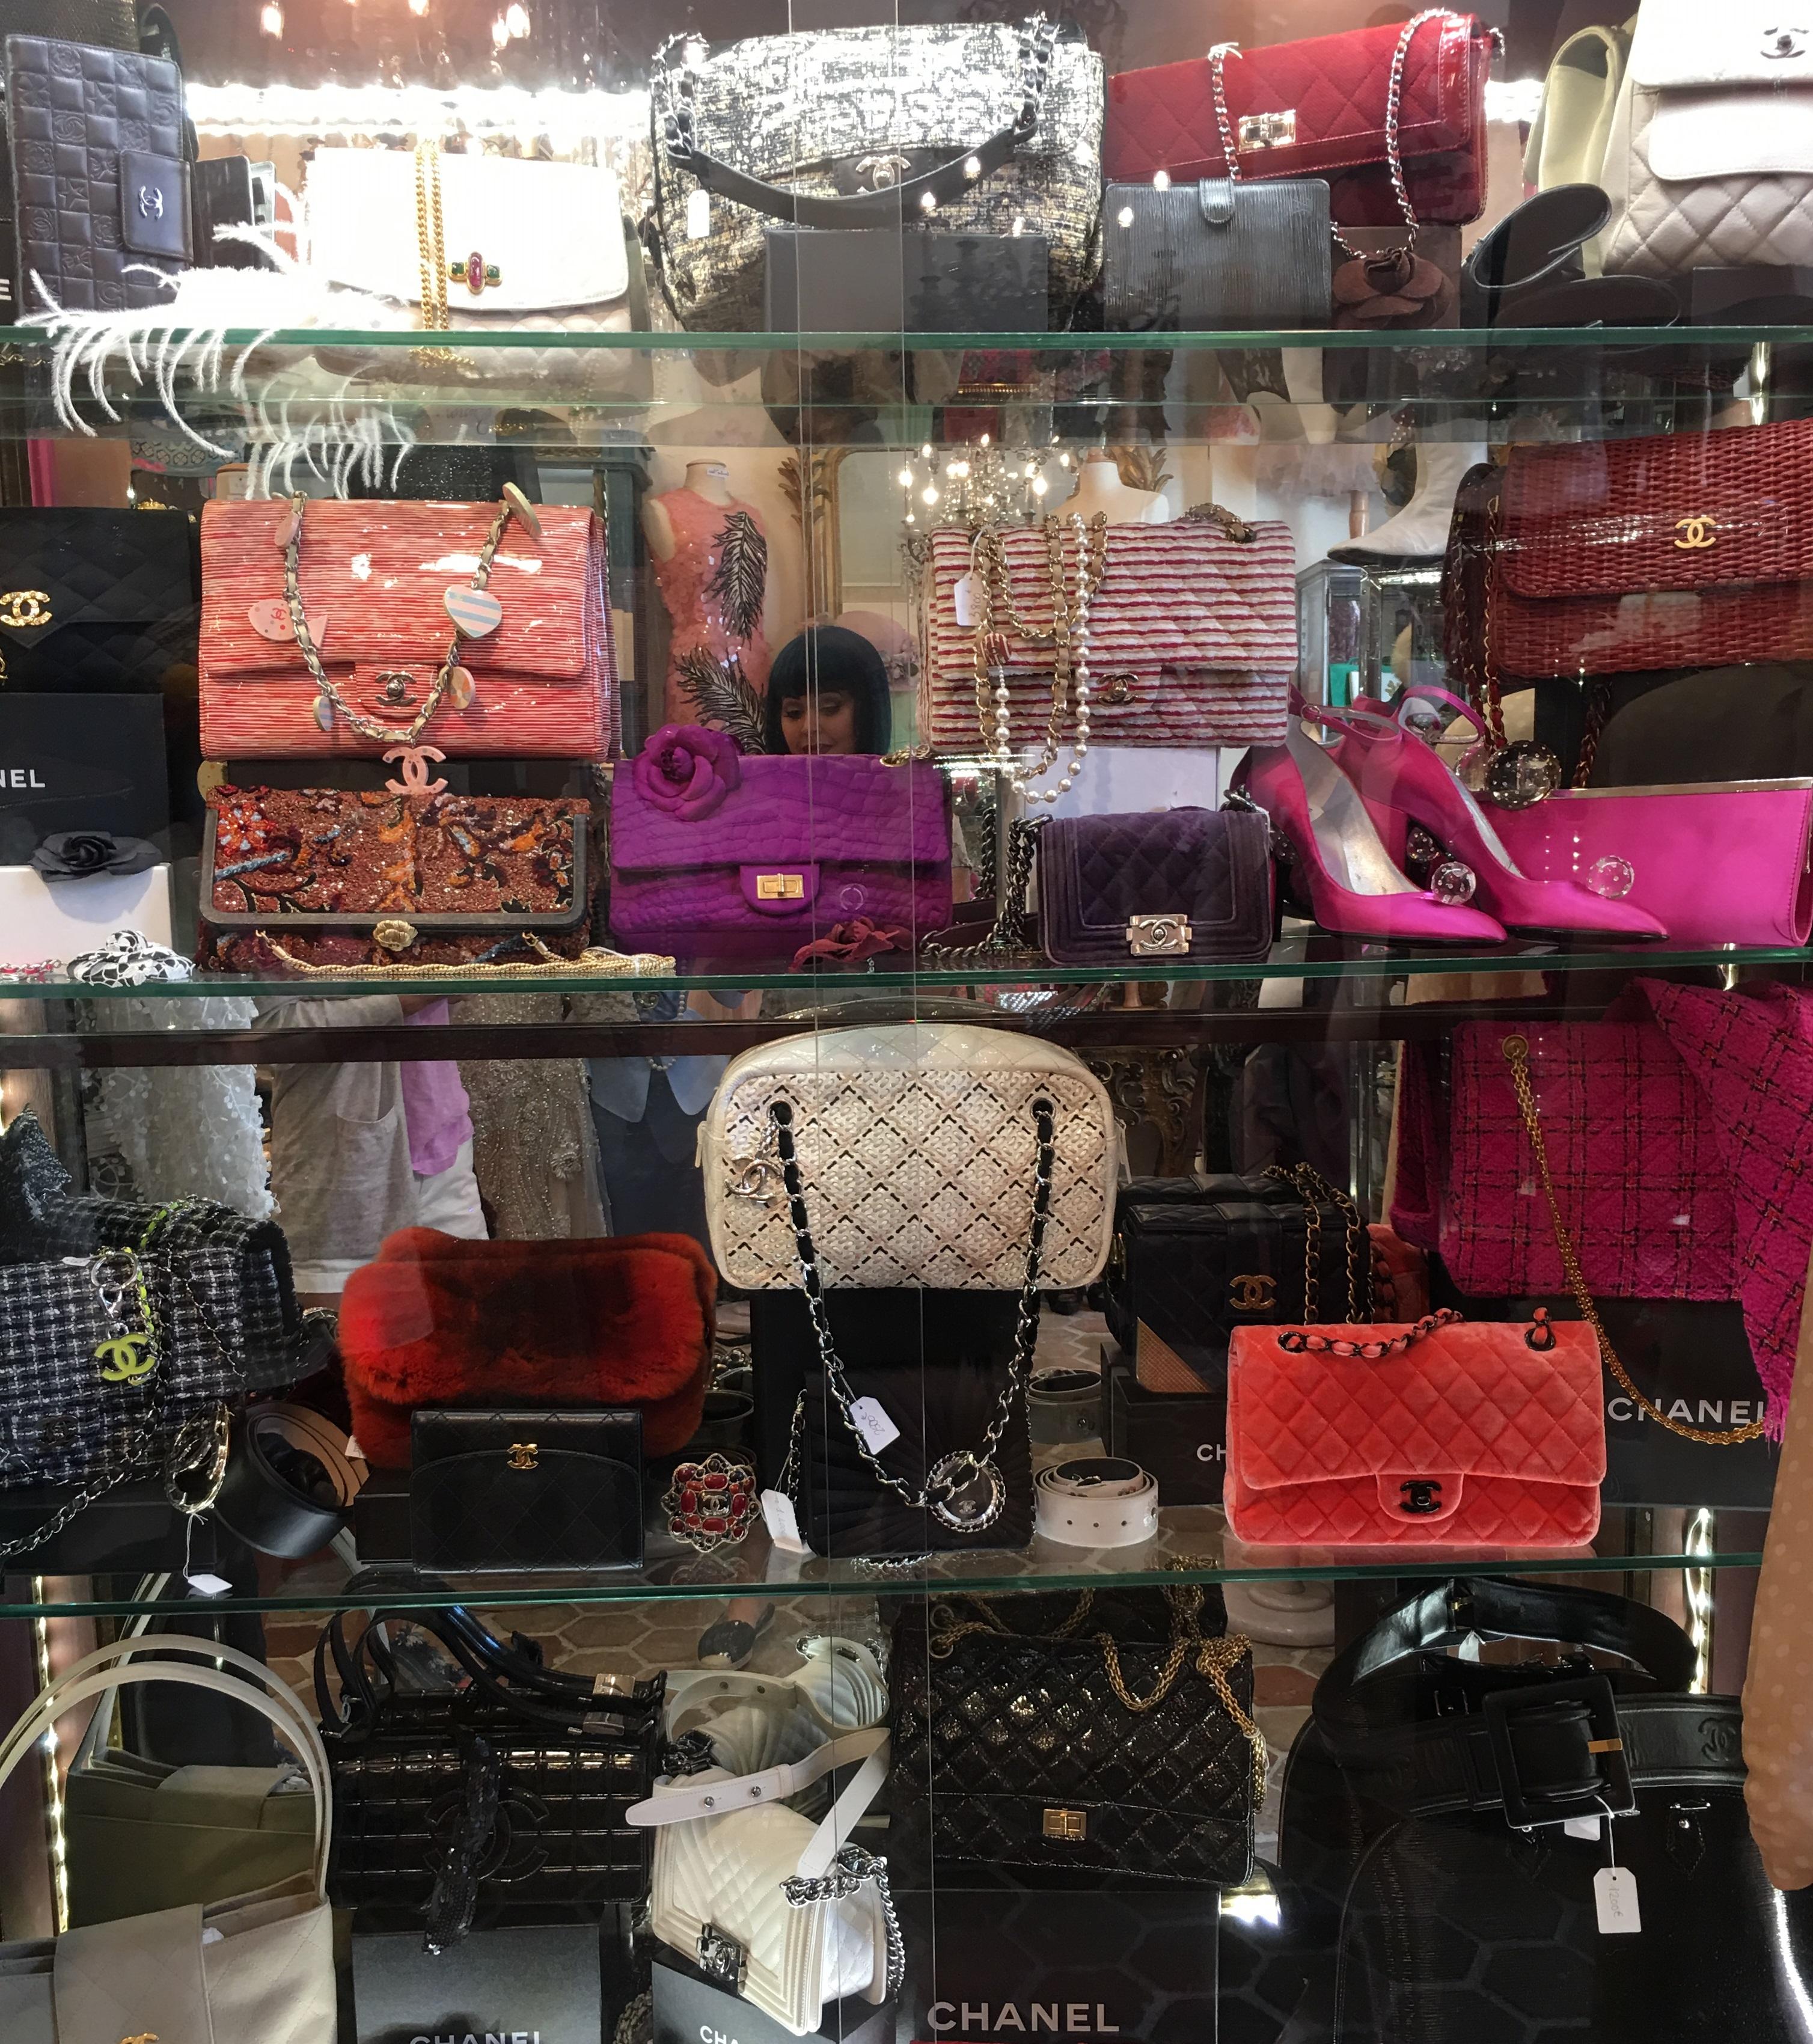 Les merveilles de Babellou vintage chanel shopping paris